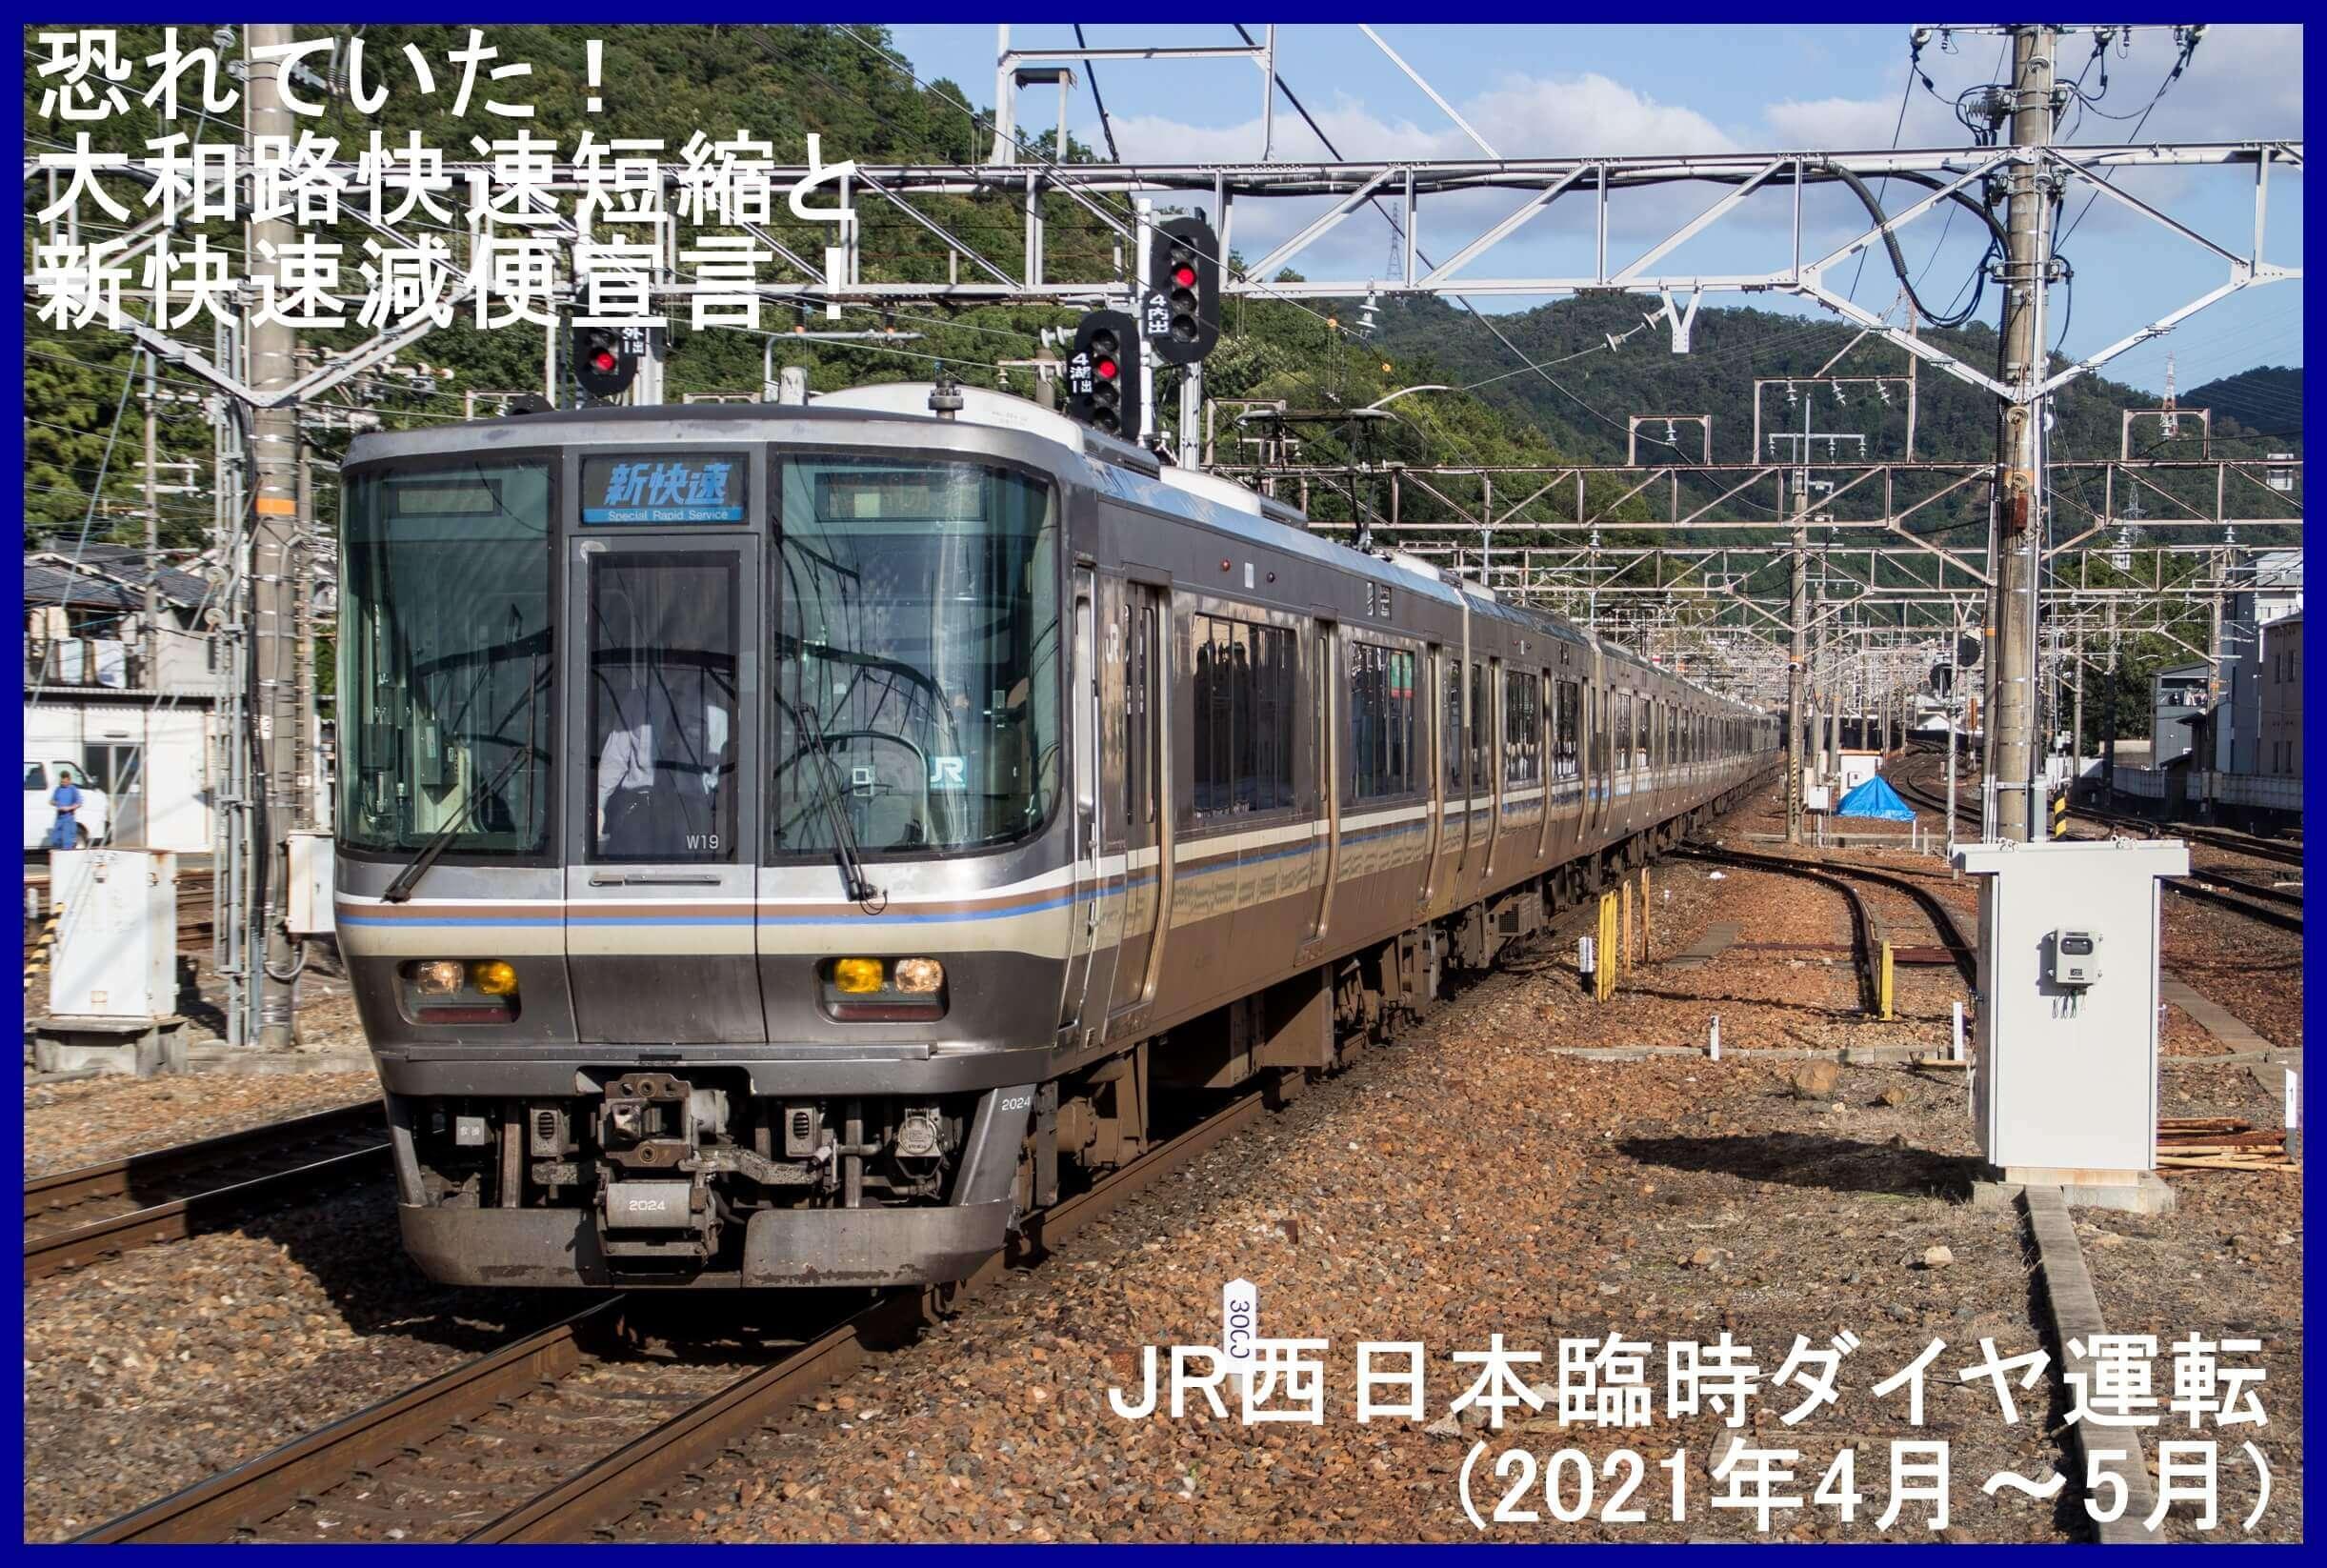 恐れていた!大和路快速短縮と新快速減便宣言! JR西日本臨時ダイヤ運転(2021年4月~5月)